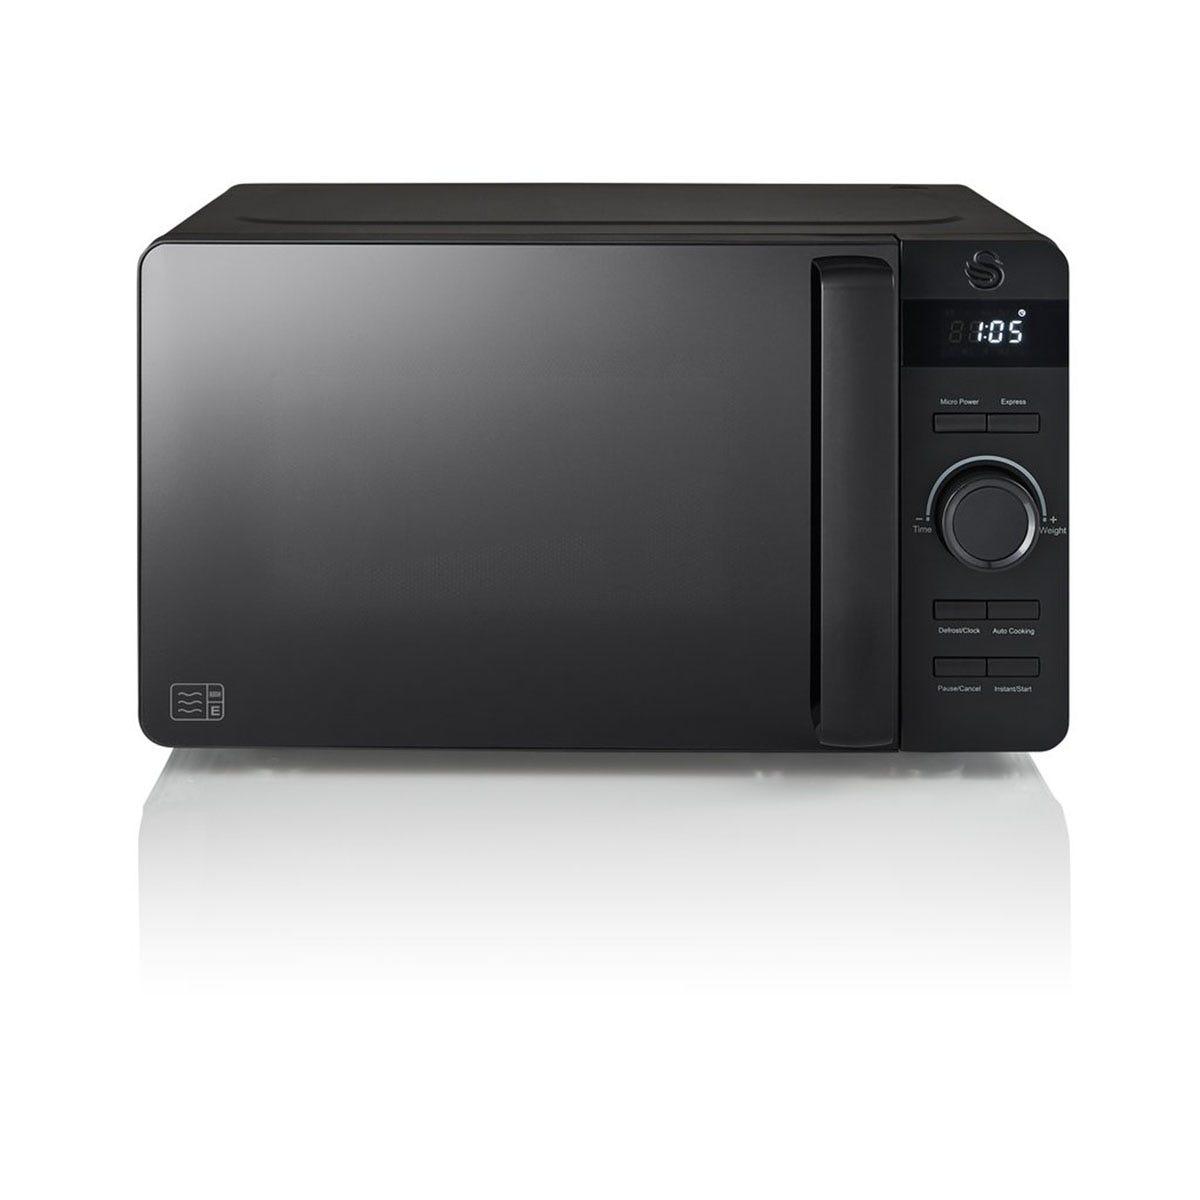 Swan SM22037BLKN Stealth 20L Microwave - Black